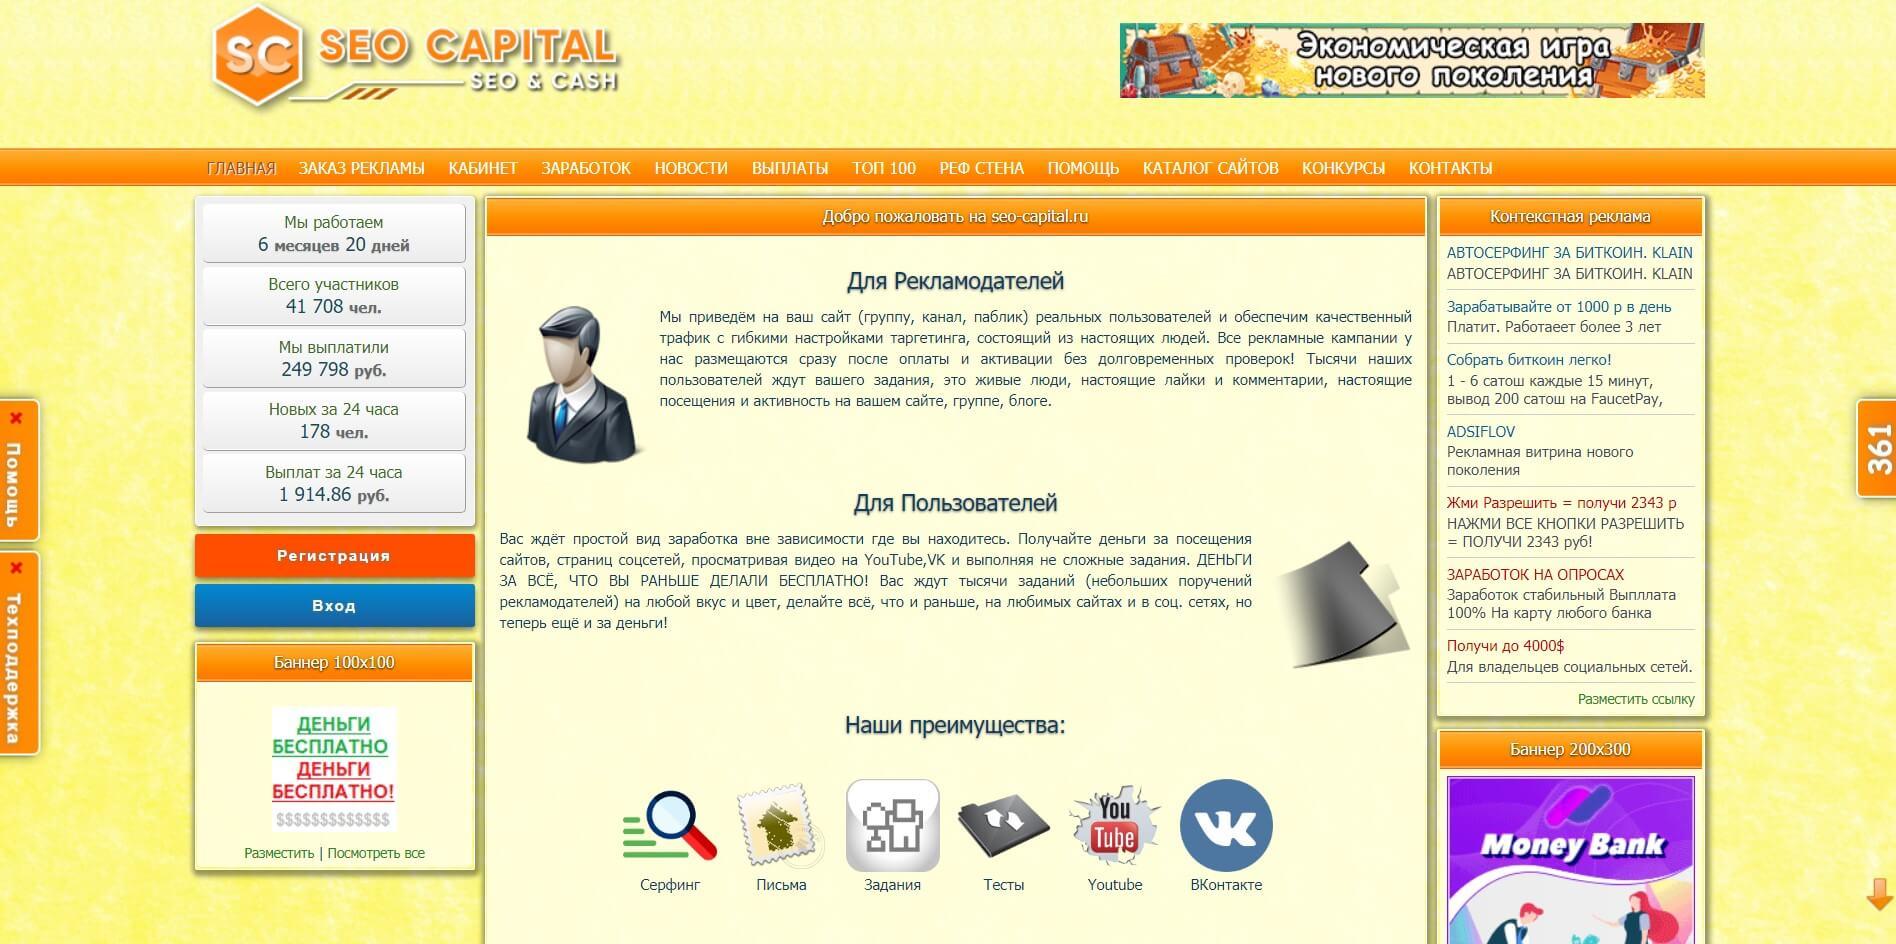 luchshie-sajty-kotorye-platyat-dengi-za-prosmotr-reklamy-i-videorolikov-seo-capital-ru